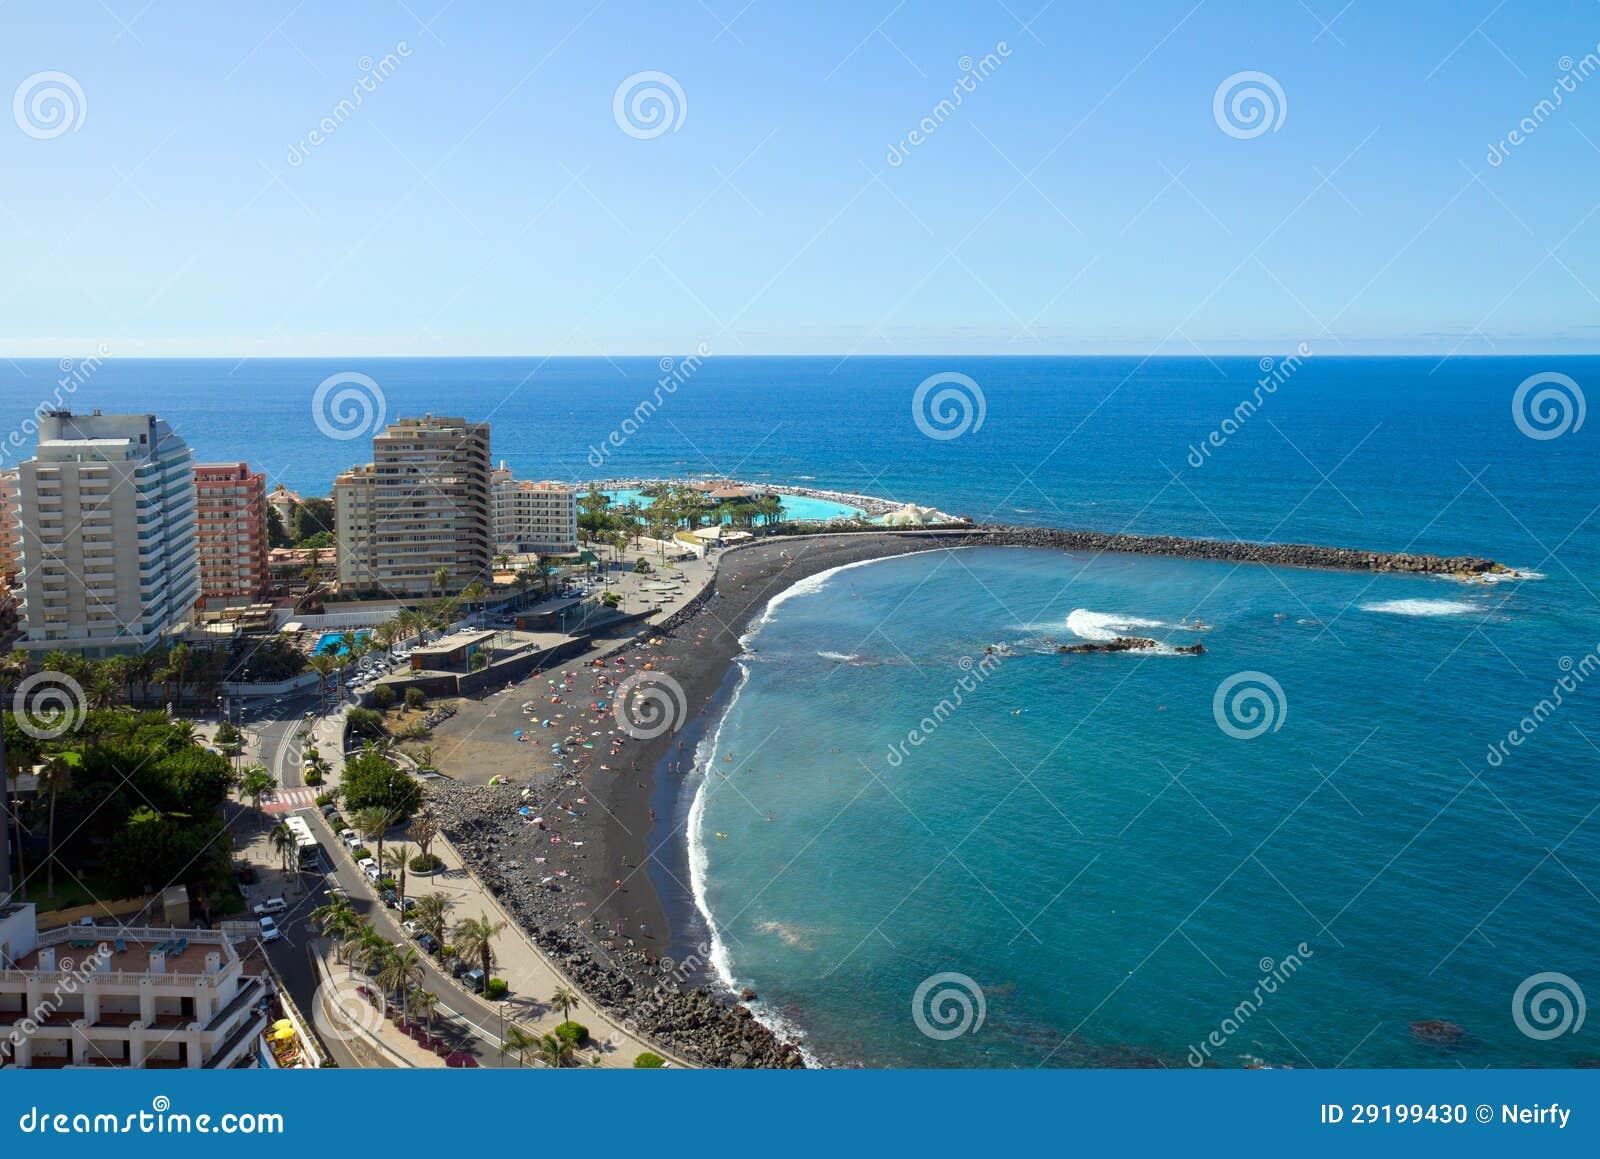 Skyline von puerto de la cruz teneriffa spanien stockfoto bild 29199430 - Puerta de la cruz ...